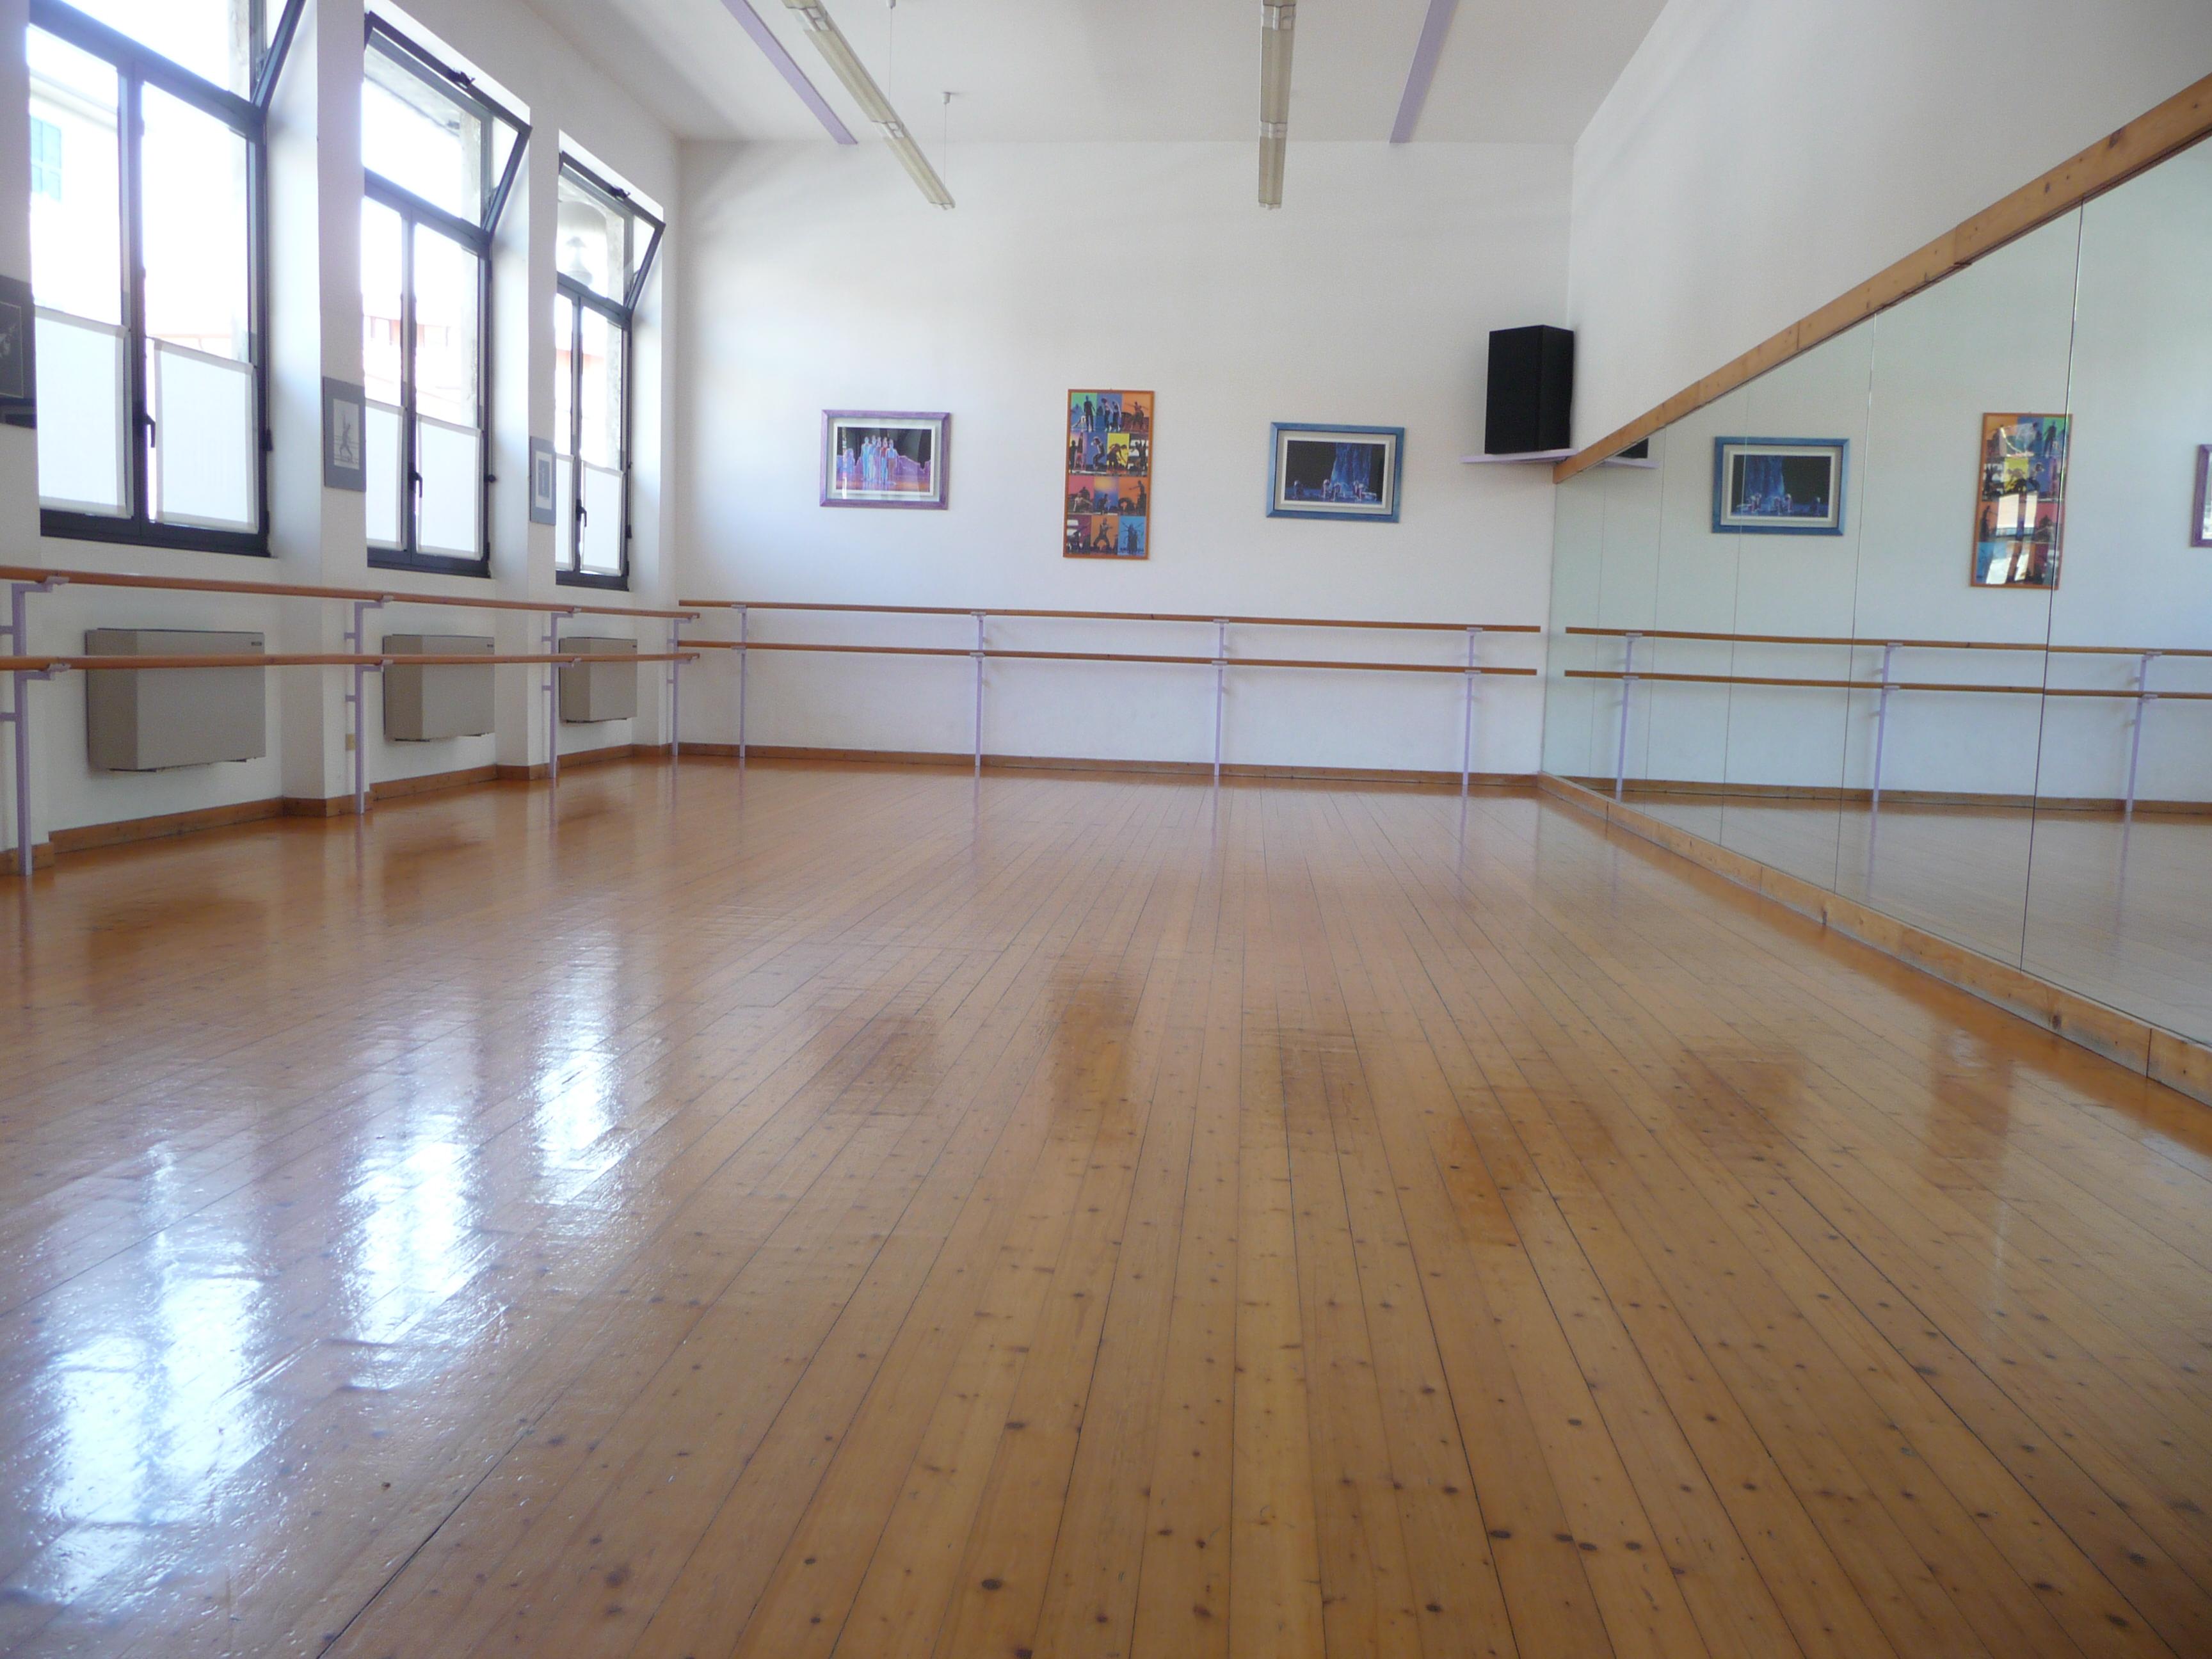 sarzana che botta radereste al suolo questa palestra On arredamento scuola di danza